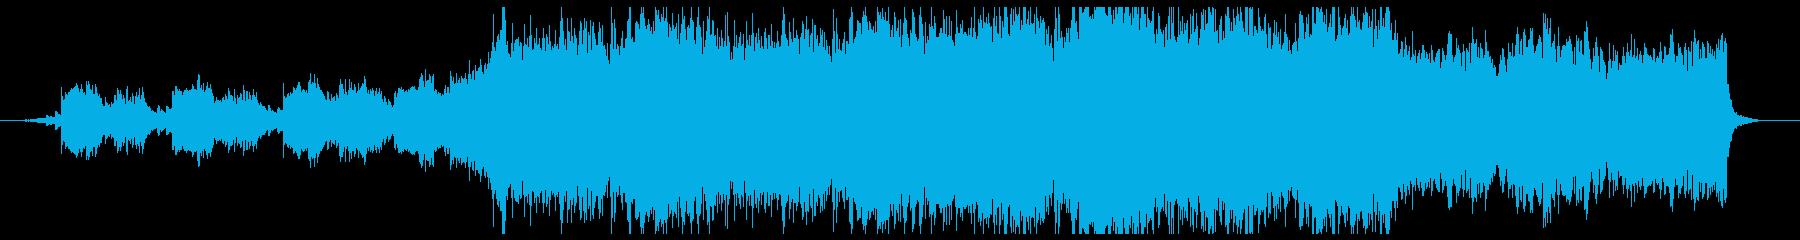 コーラスを用いた神秘的で疾走感のある曲の再生済みの波形